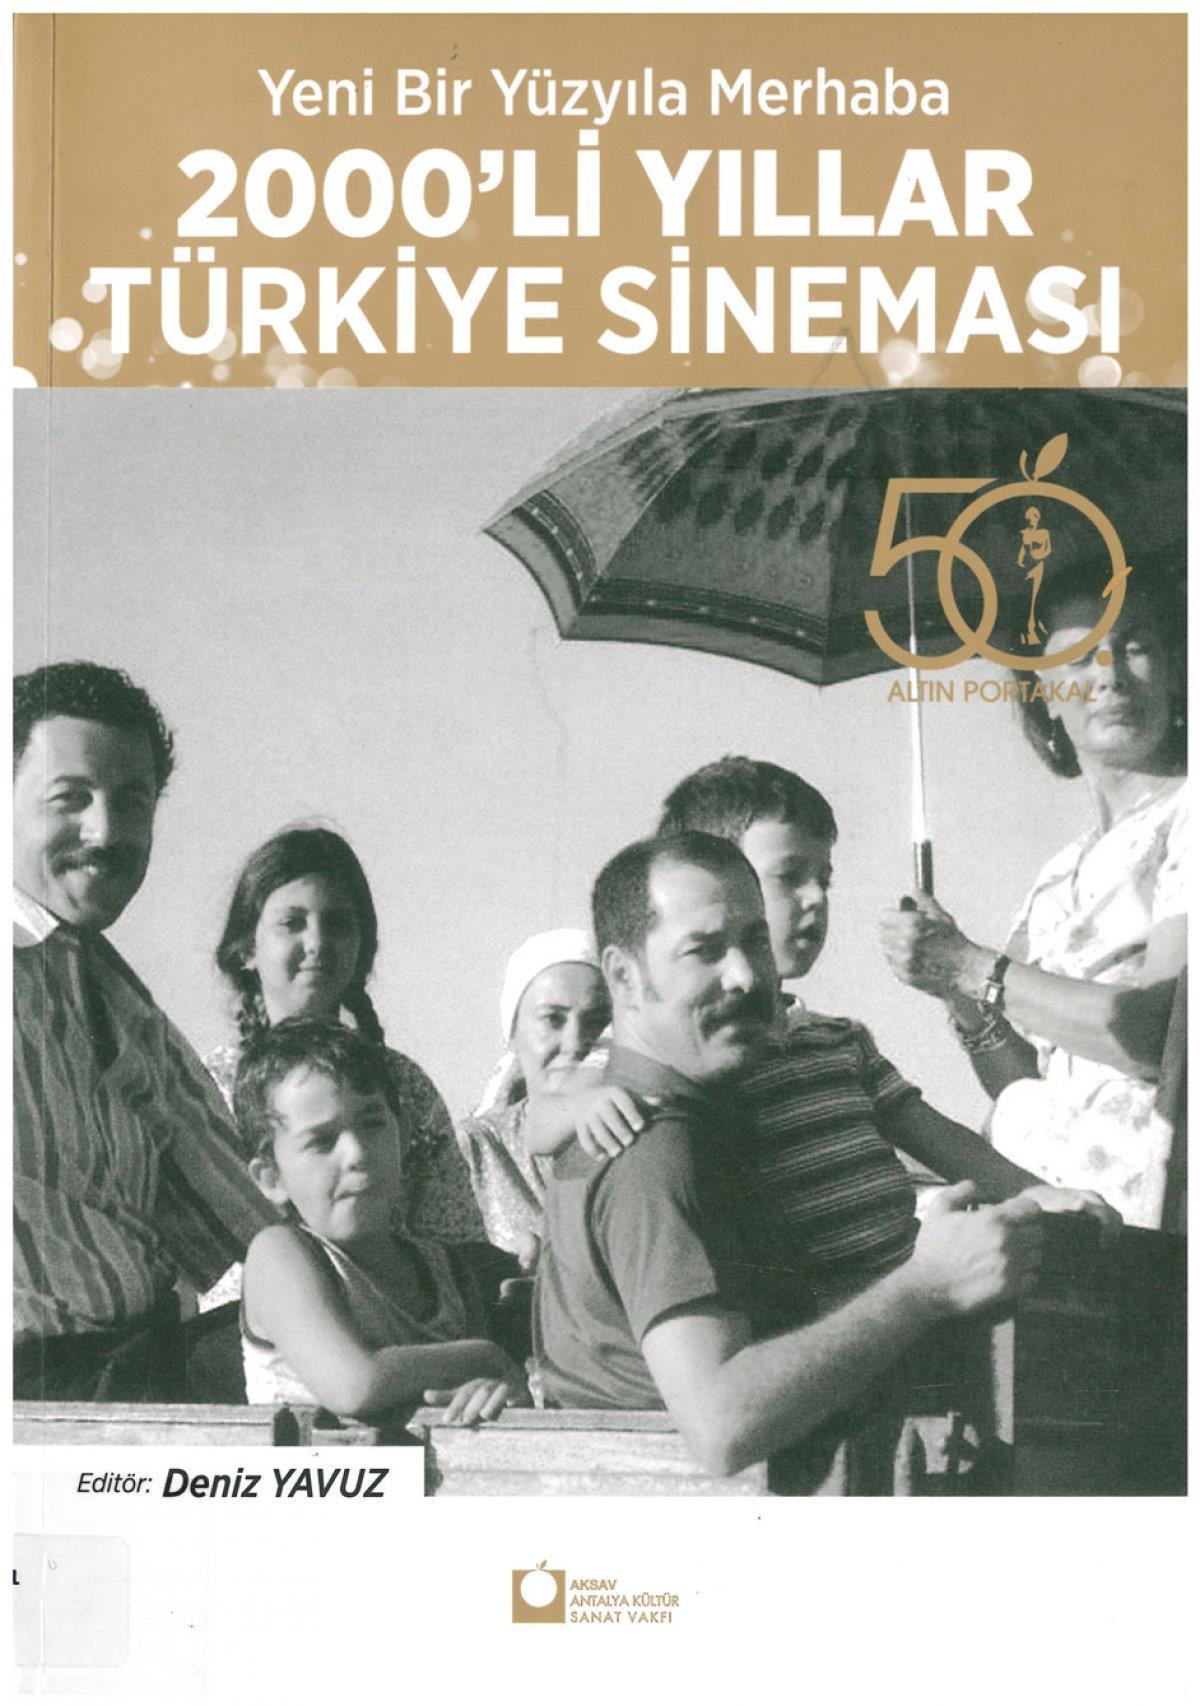 Image result for Yeni bir yüzyıla merhaba, 2000'li yıllar Türk sineması editör, Deniz Yavuz.